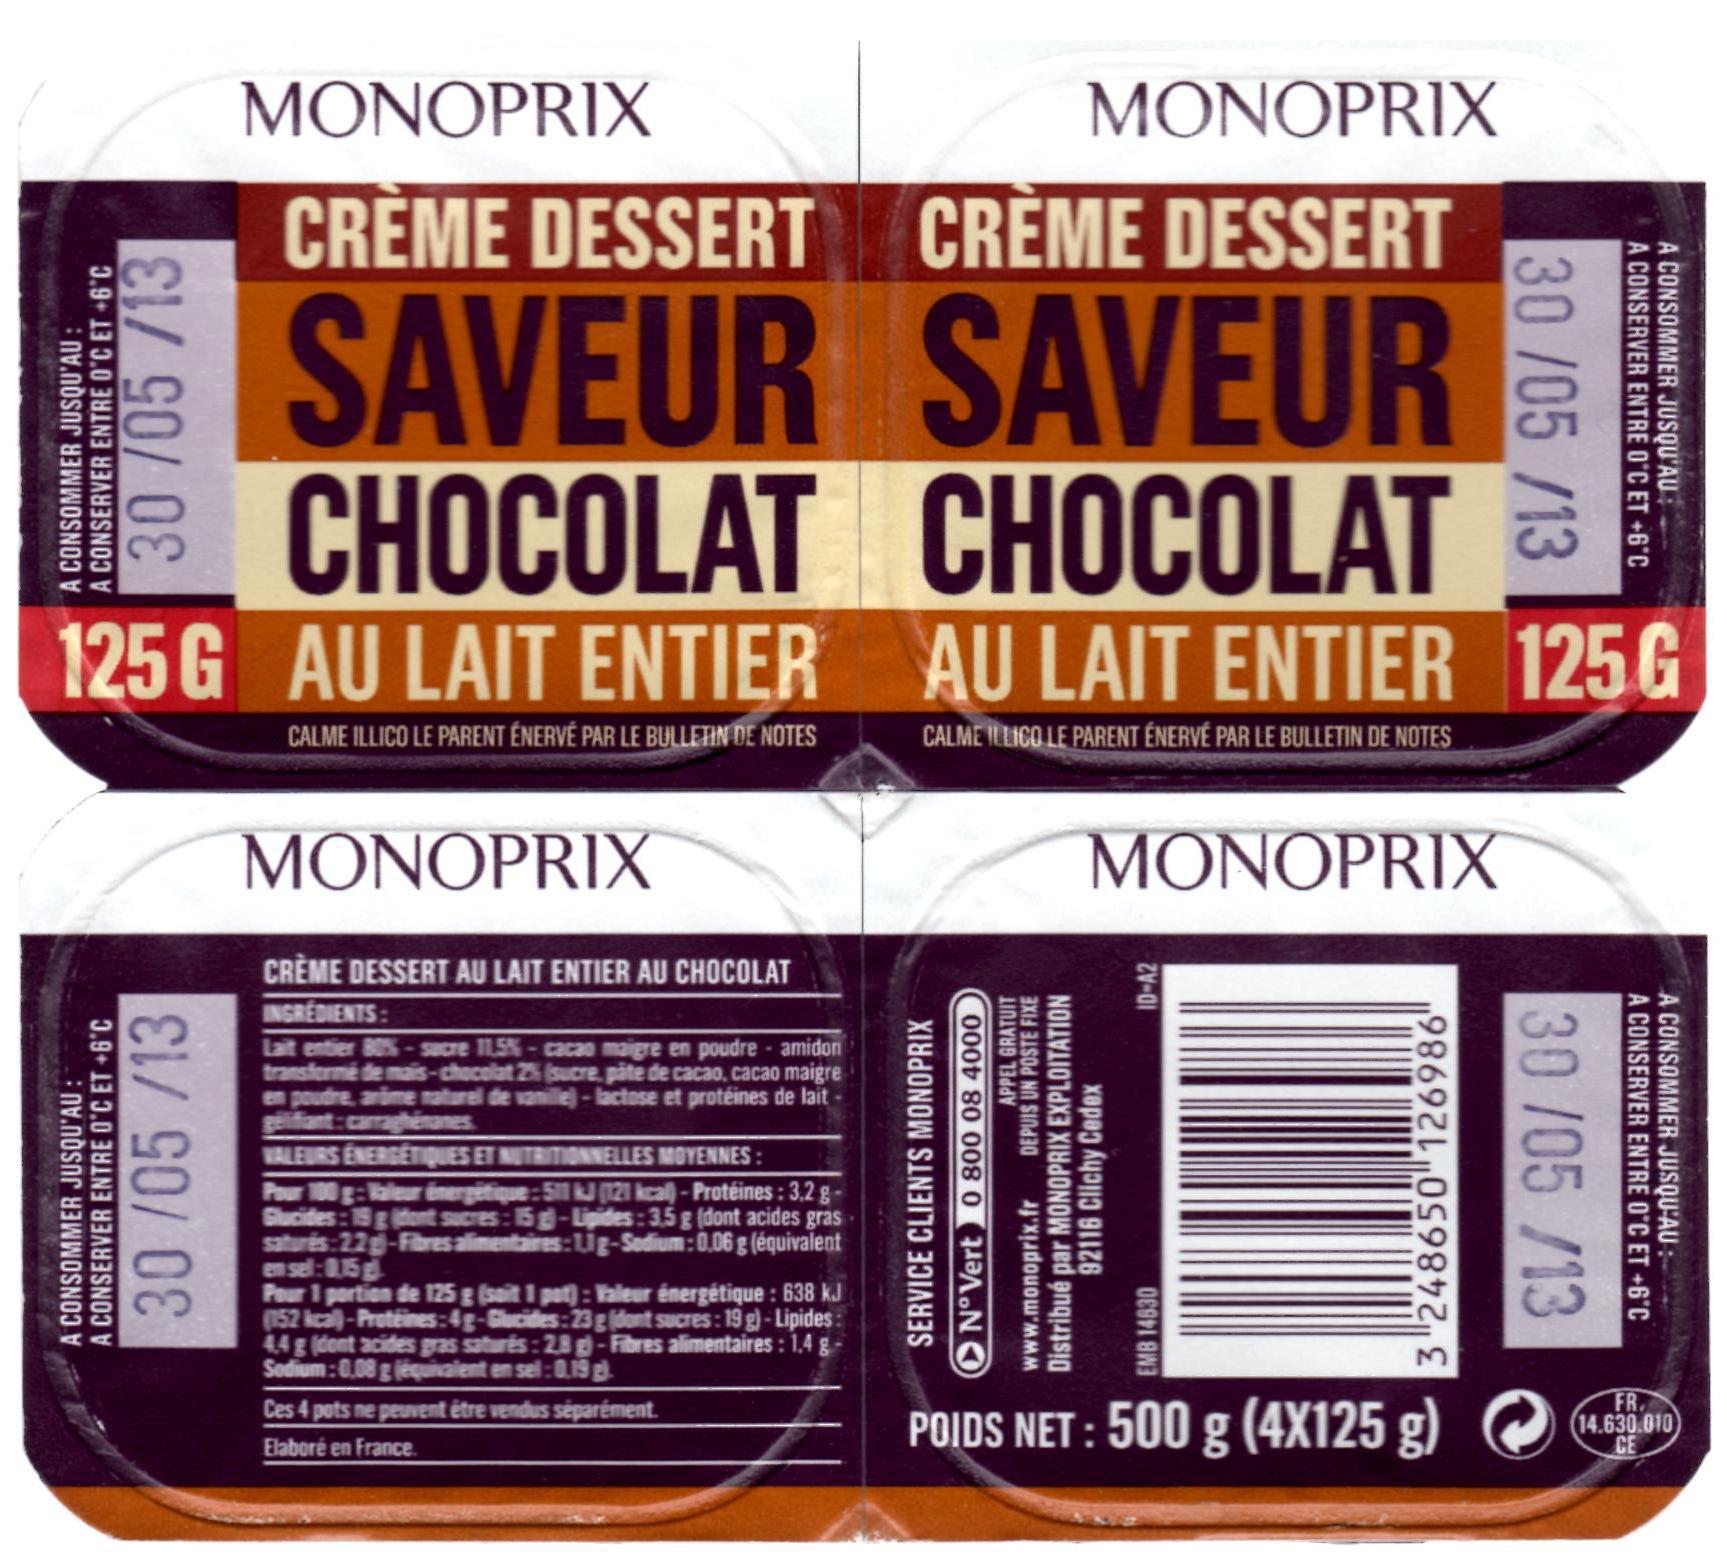 Crème dessert saveur chocolat au lait entier - Produit - fr